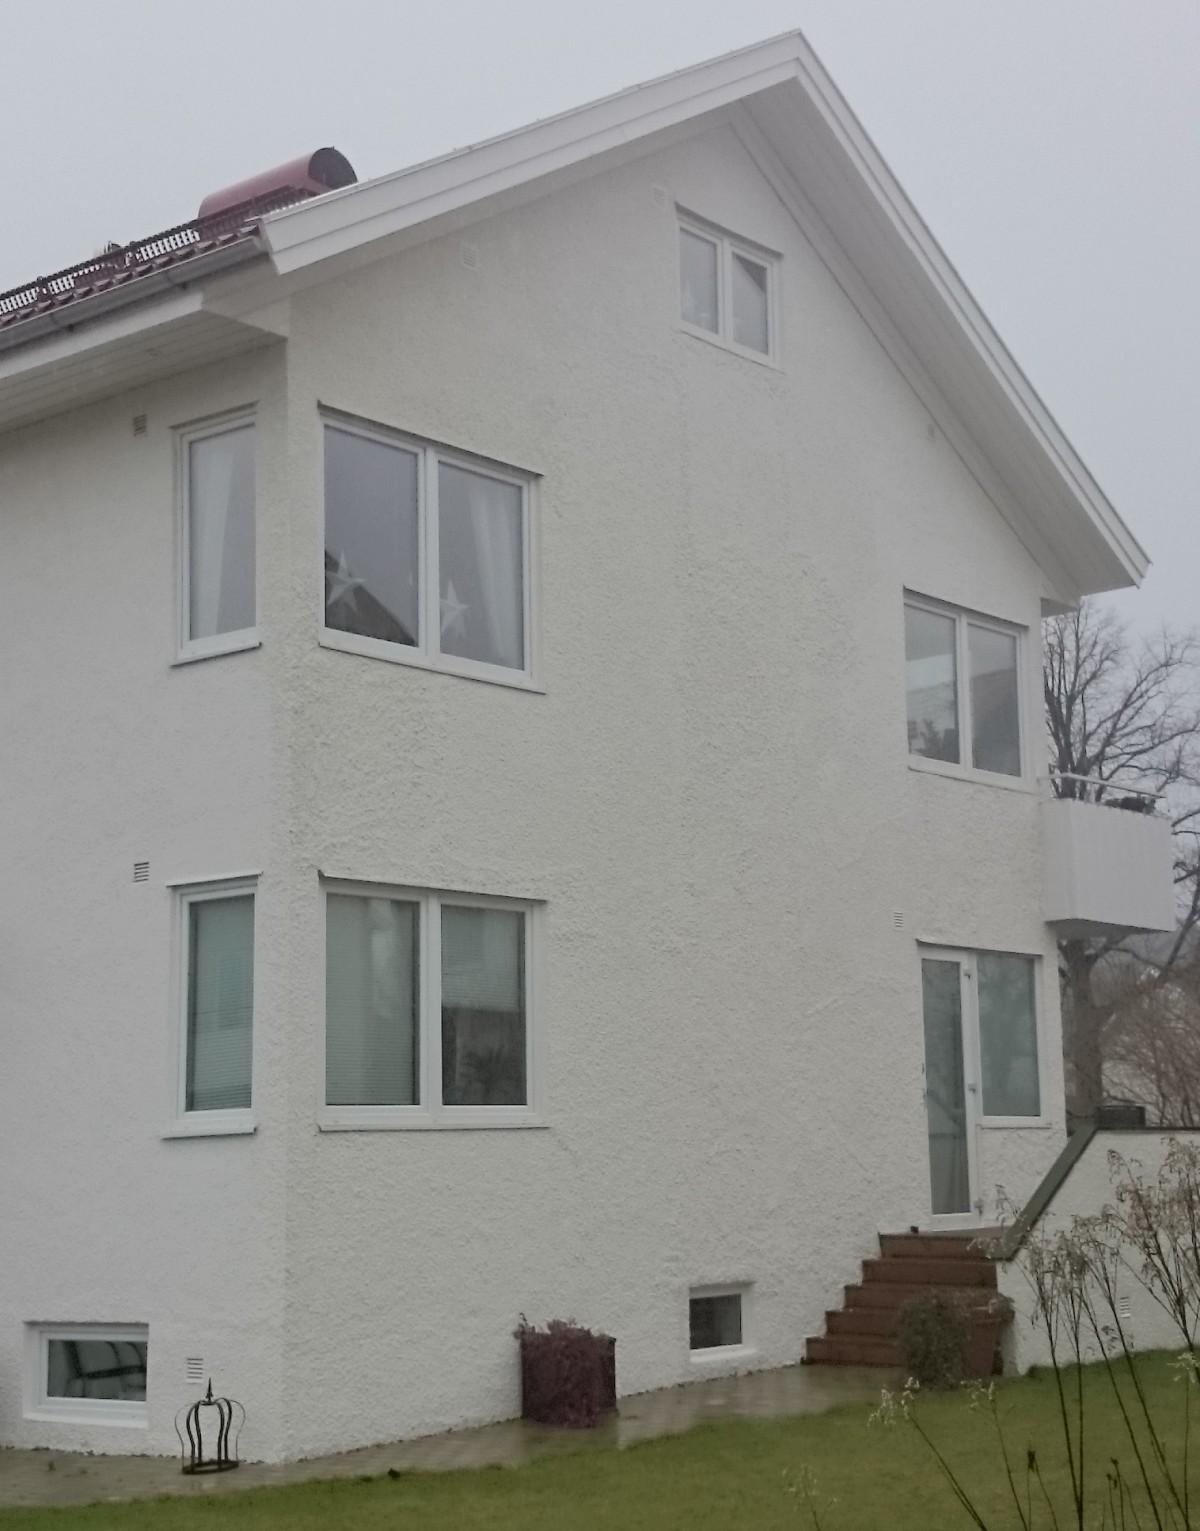 Fönster underhållsfria fönster : Byta fönster BorÃ¥s   TK Fönsterbyte